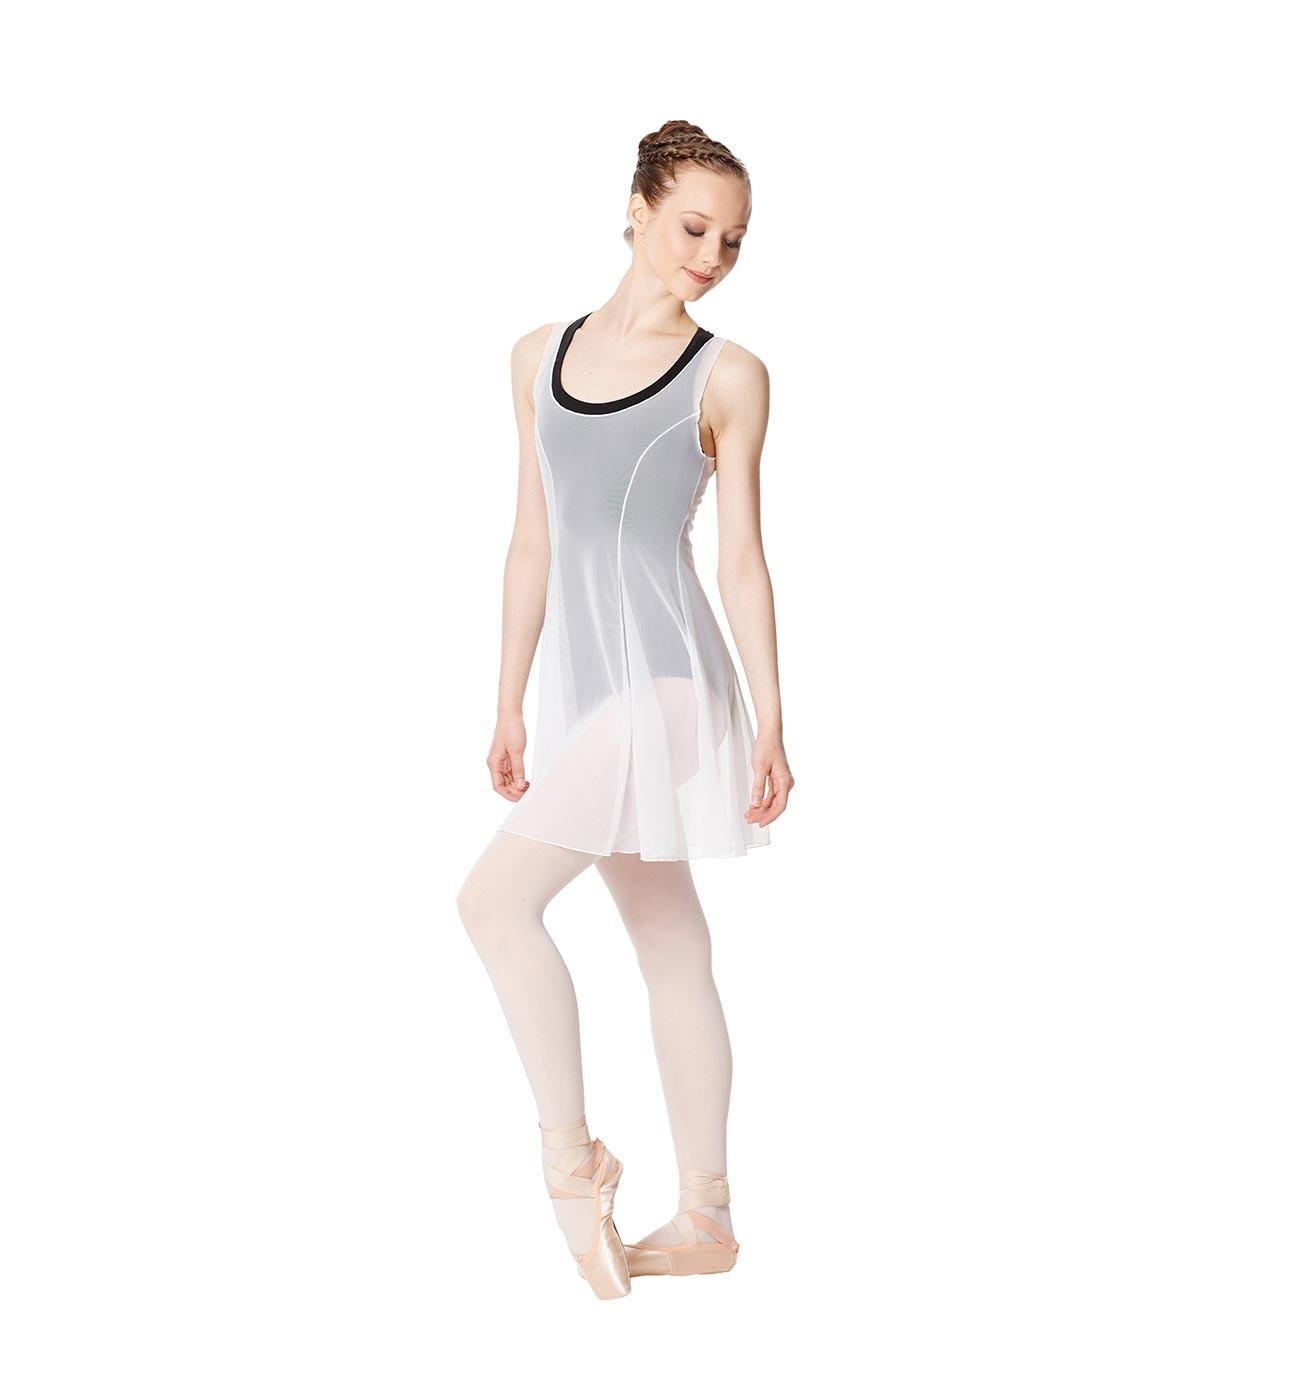 לבן שמלת בלט Kimberly של Lulli מבד רשת עדינה LUB257